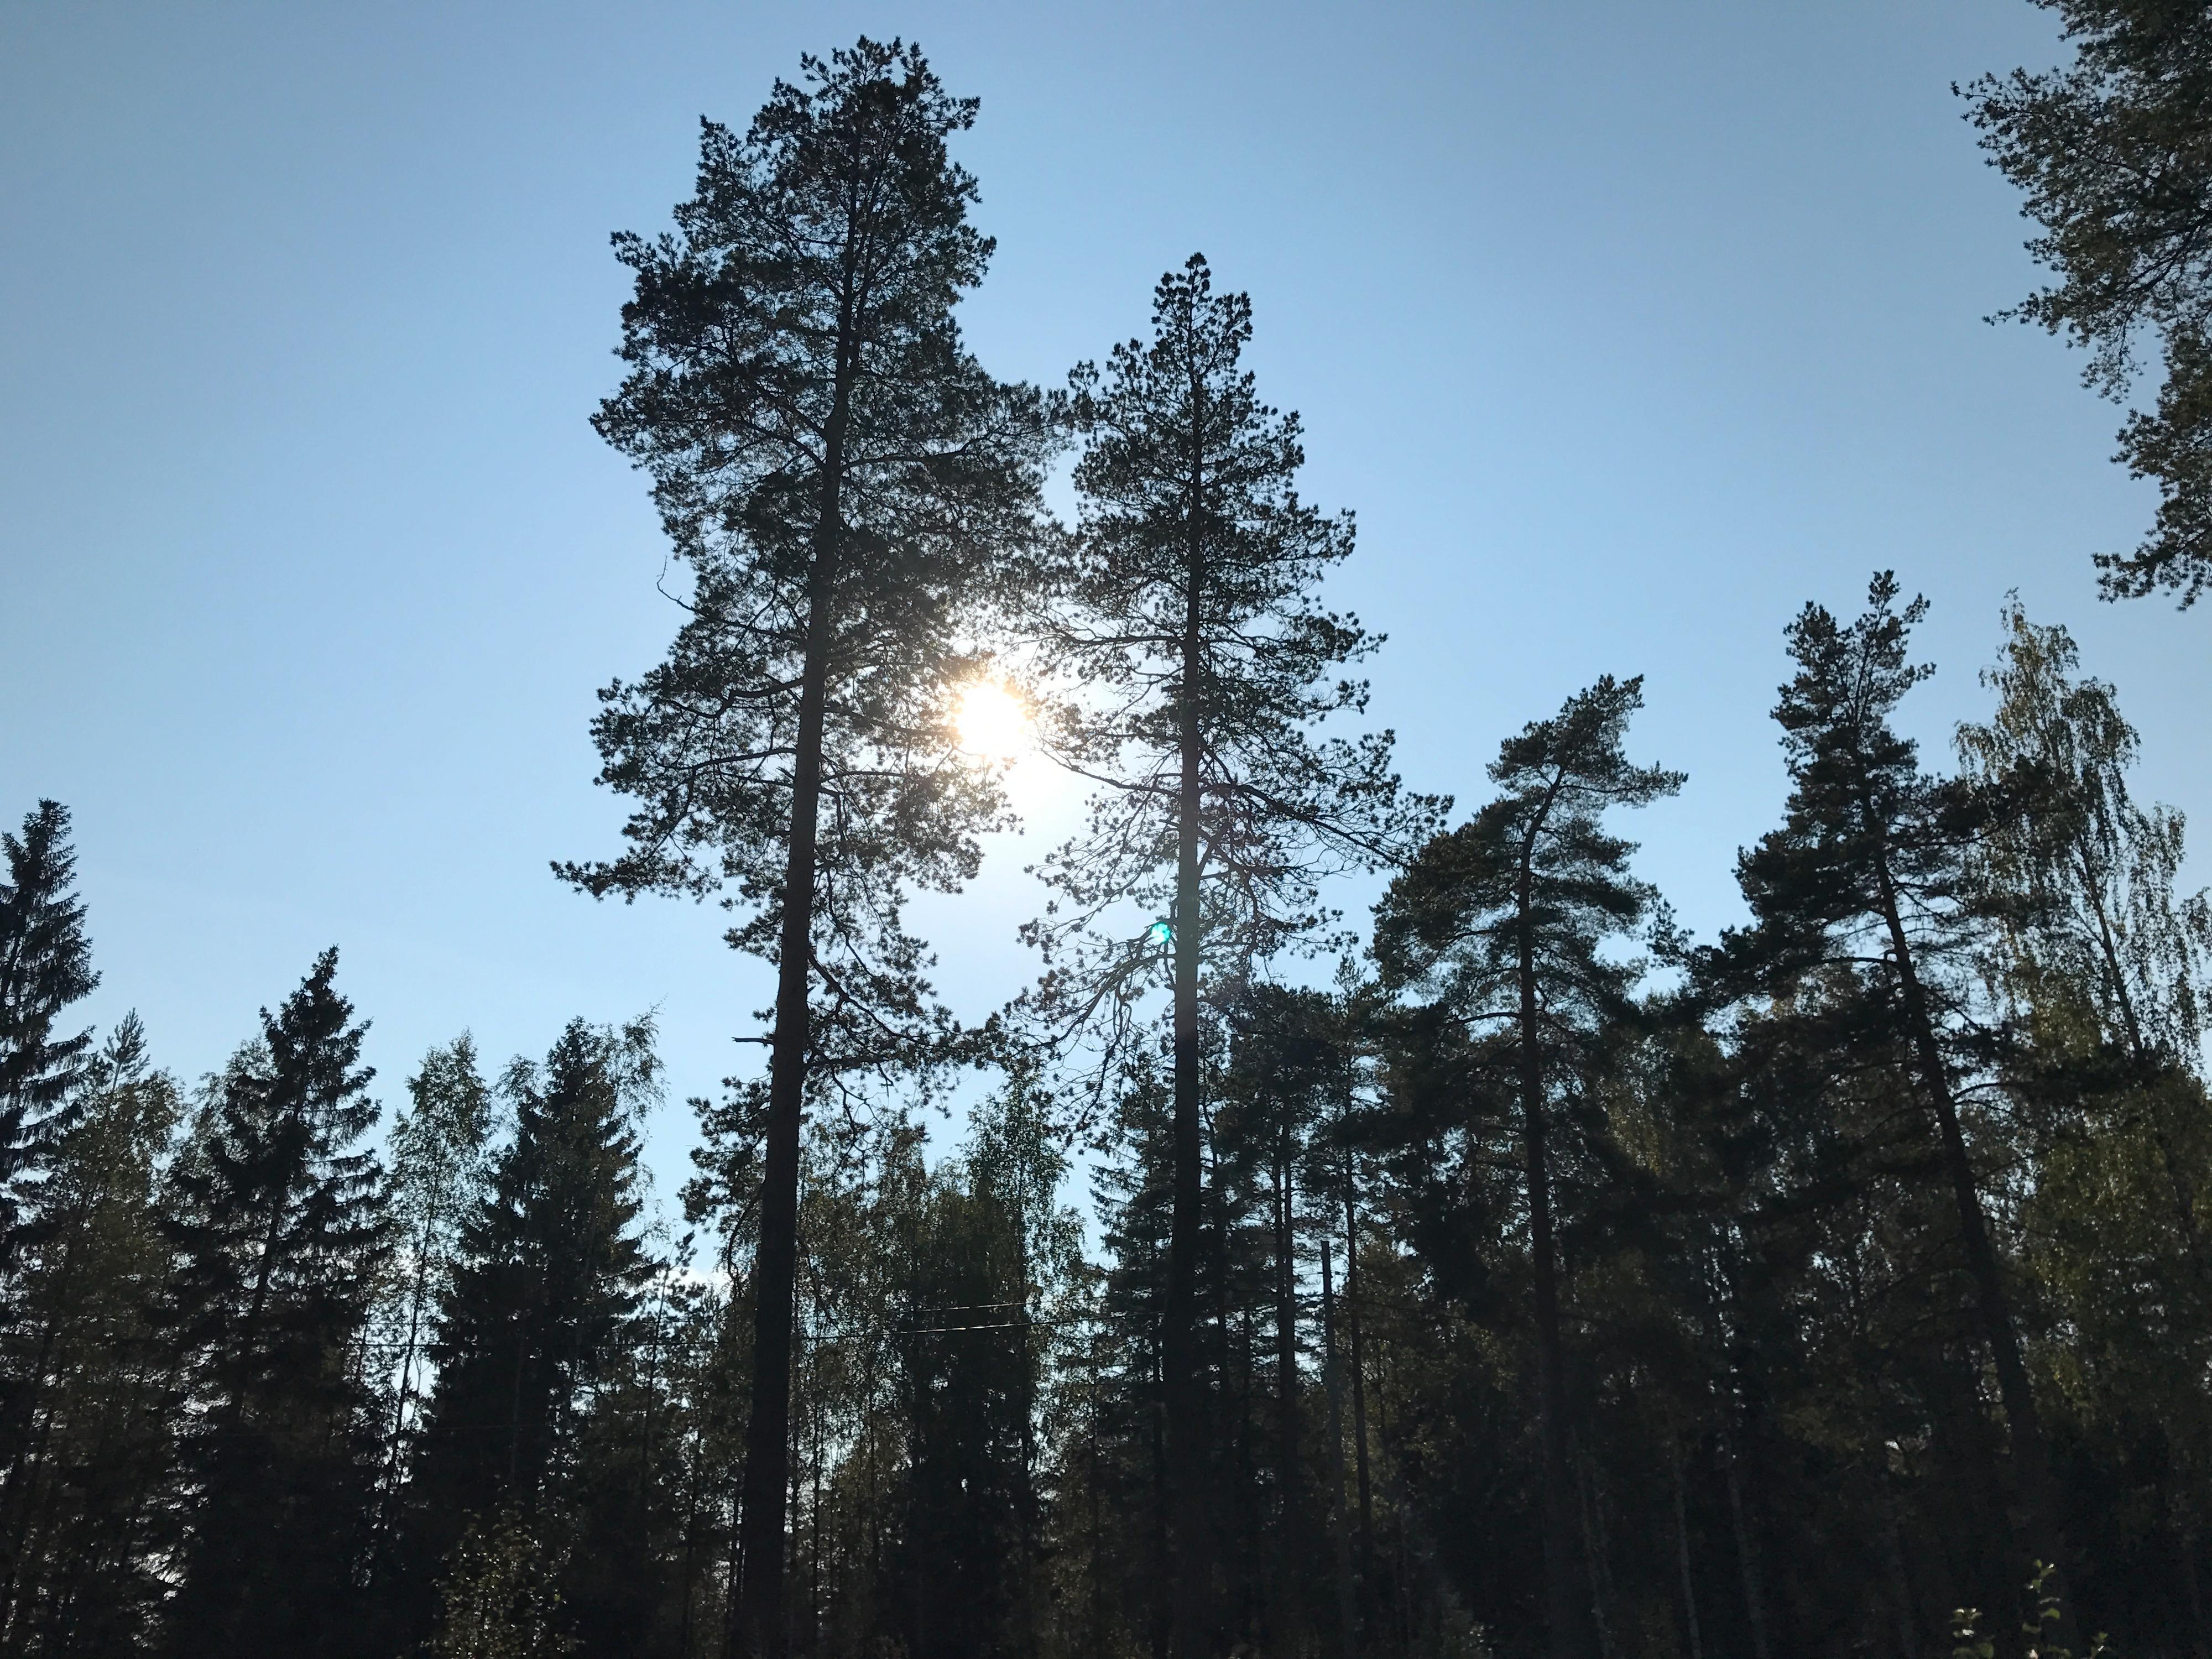 iPhone 7-kameraet takler vanskelige eksponeringsforhold meget godt. Rett nok skygger de to trærne litt for solen her, men det var likevel vanskelig å se direkte i samme retning som bildet ble tatt. Her ville de fleste mobiltelefoner laget et ganske håpløst bilde.